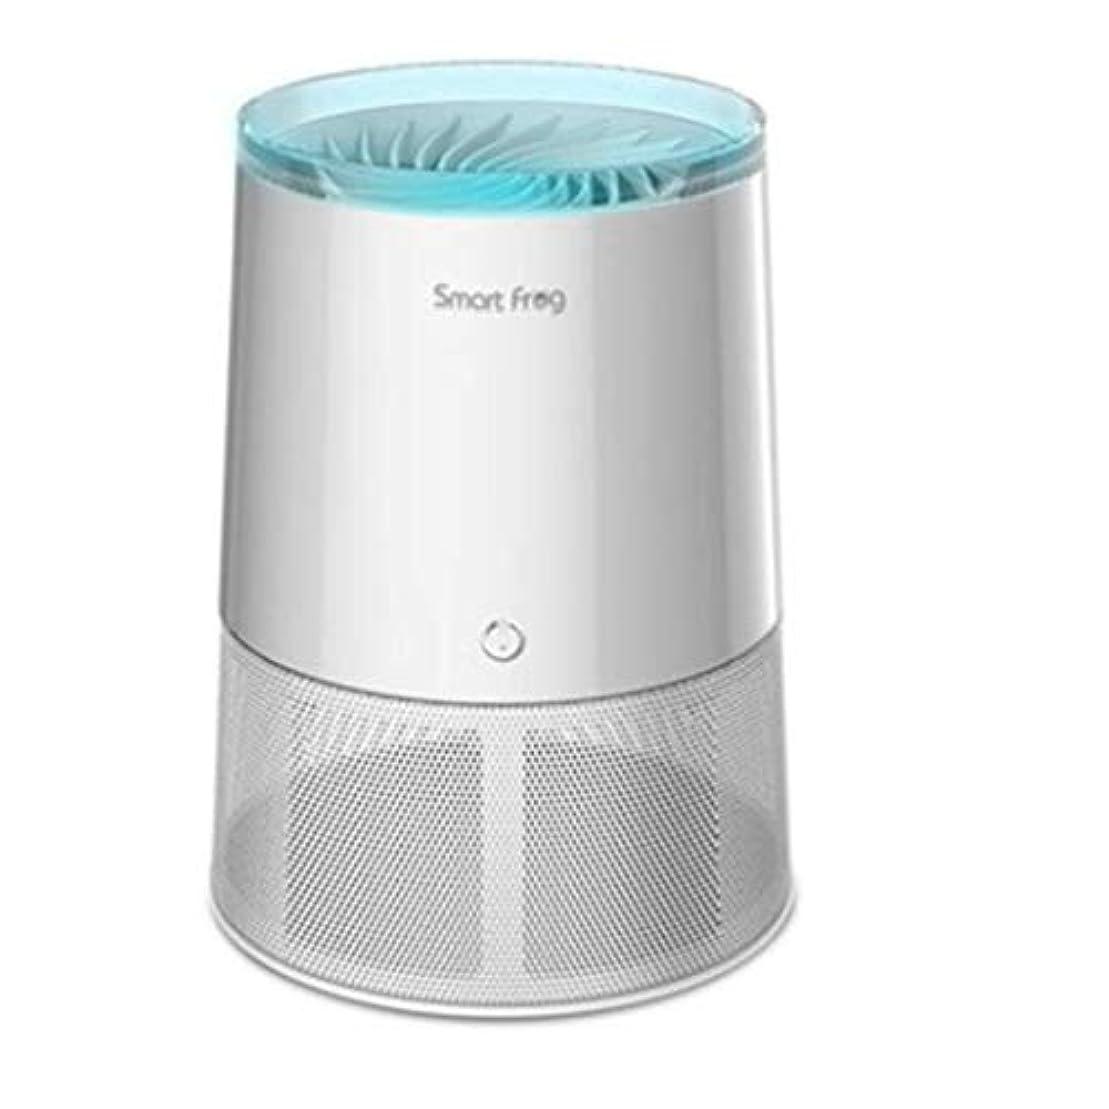 バタフライレジデンスバタフライUSB蚊よけ屋内カのキラーの蚊取り器、携帯用LEDライトはえ虫無害放射線吸引のZapperの蚊のキラー-White